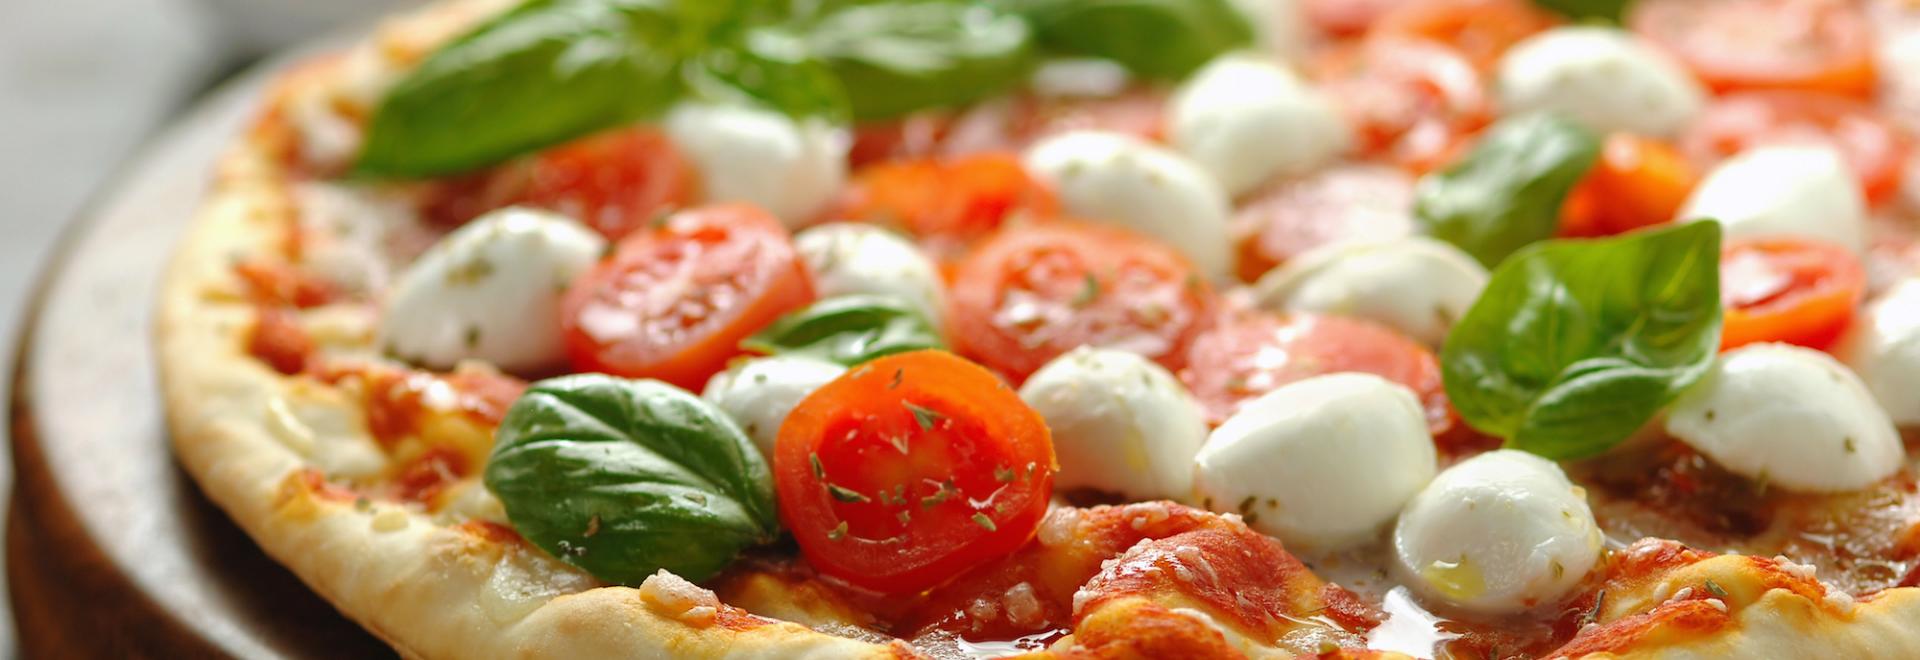 Les 10 meilleurs restaurants italiens lisbonne for Les meilleurs cuisinistes italiens